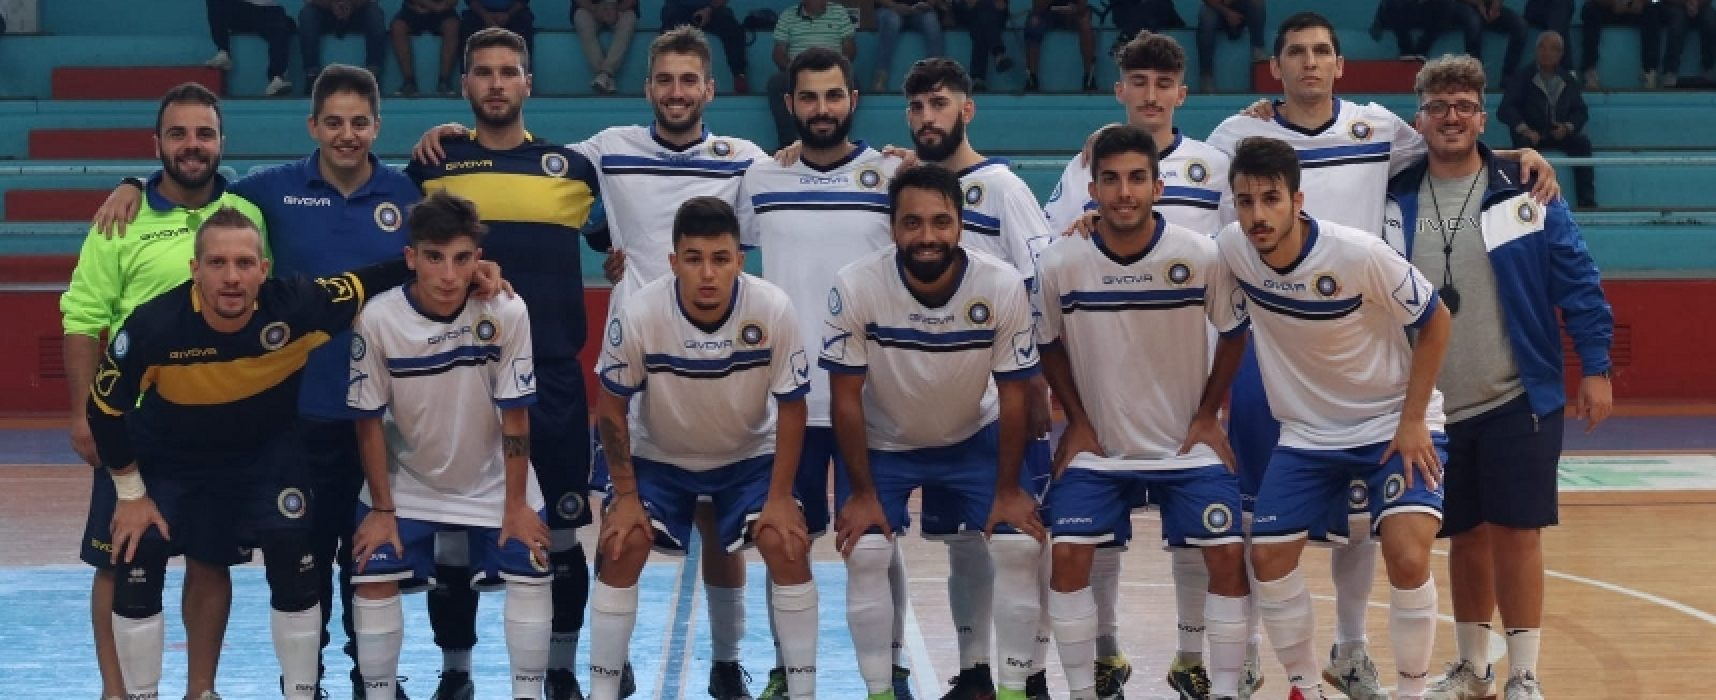 Un coriaceo Futsal Bisceglie cede il passo all'Atletico Cassano